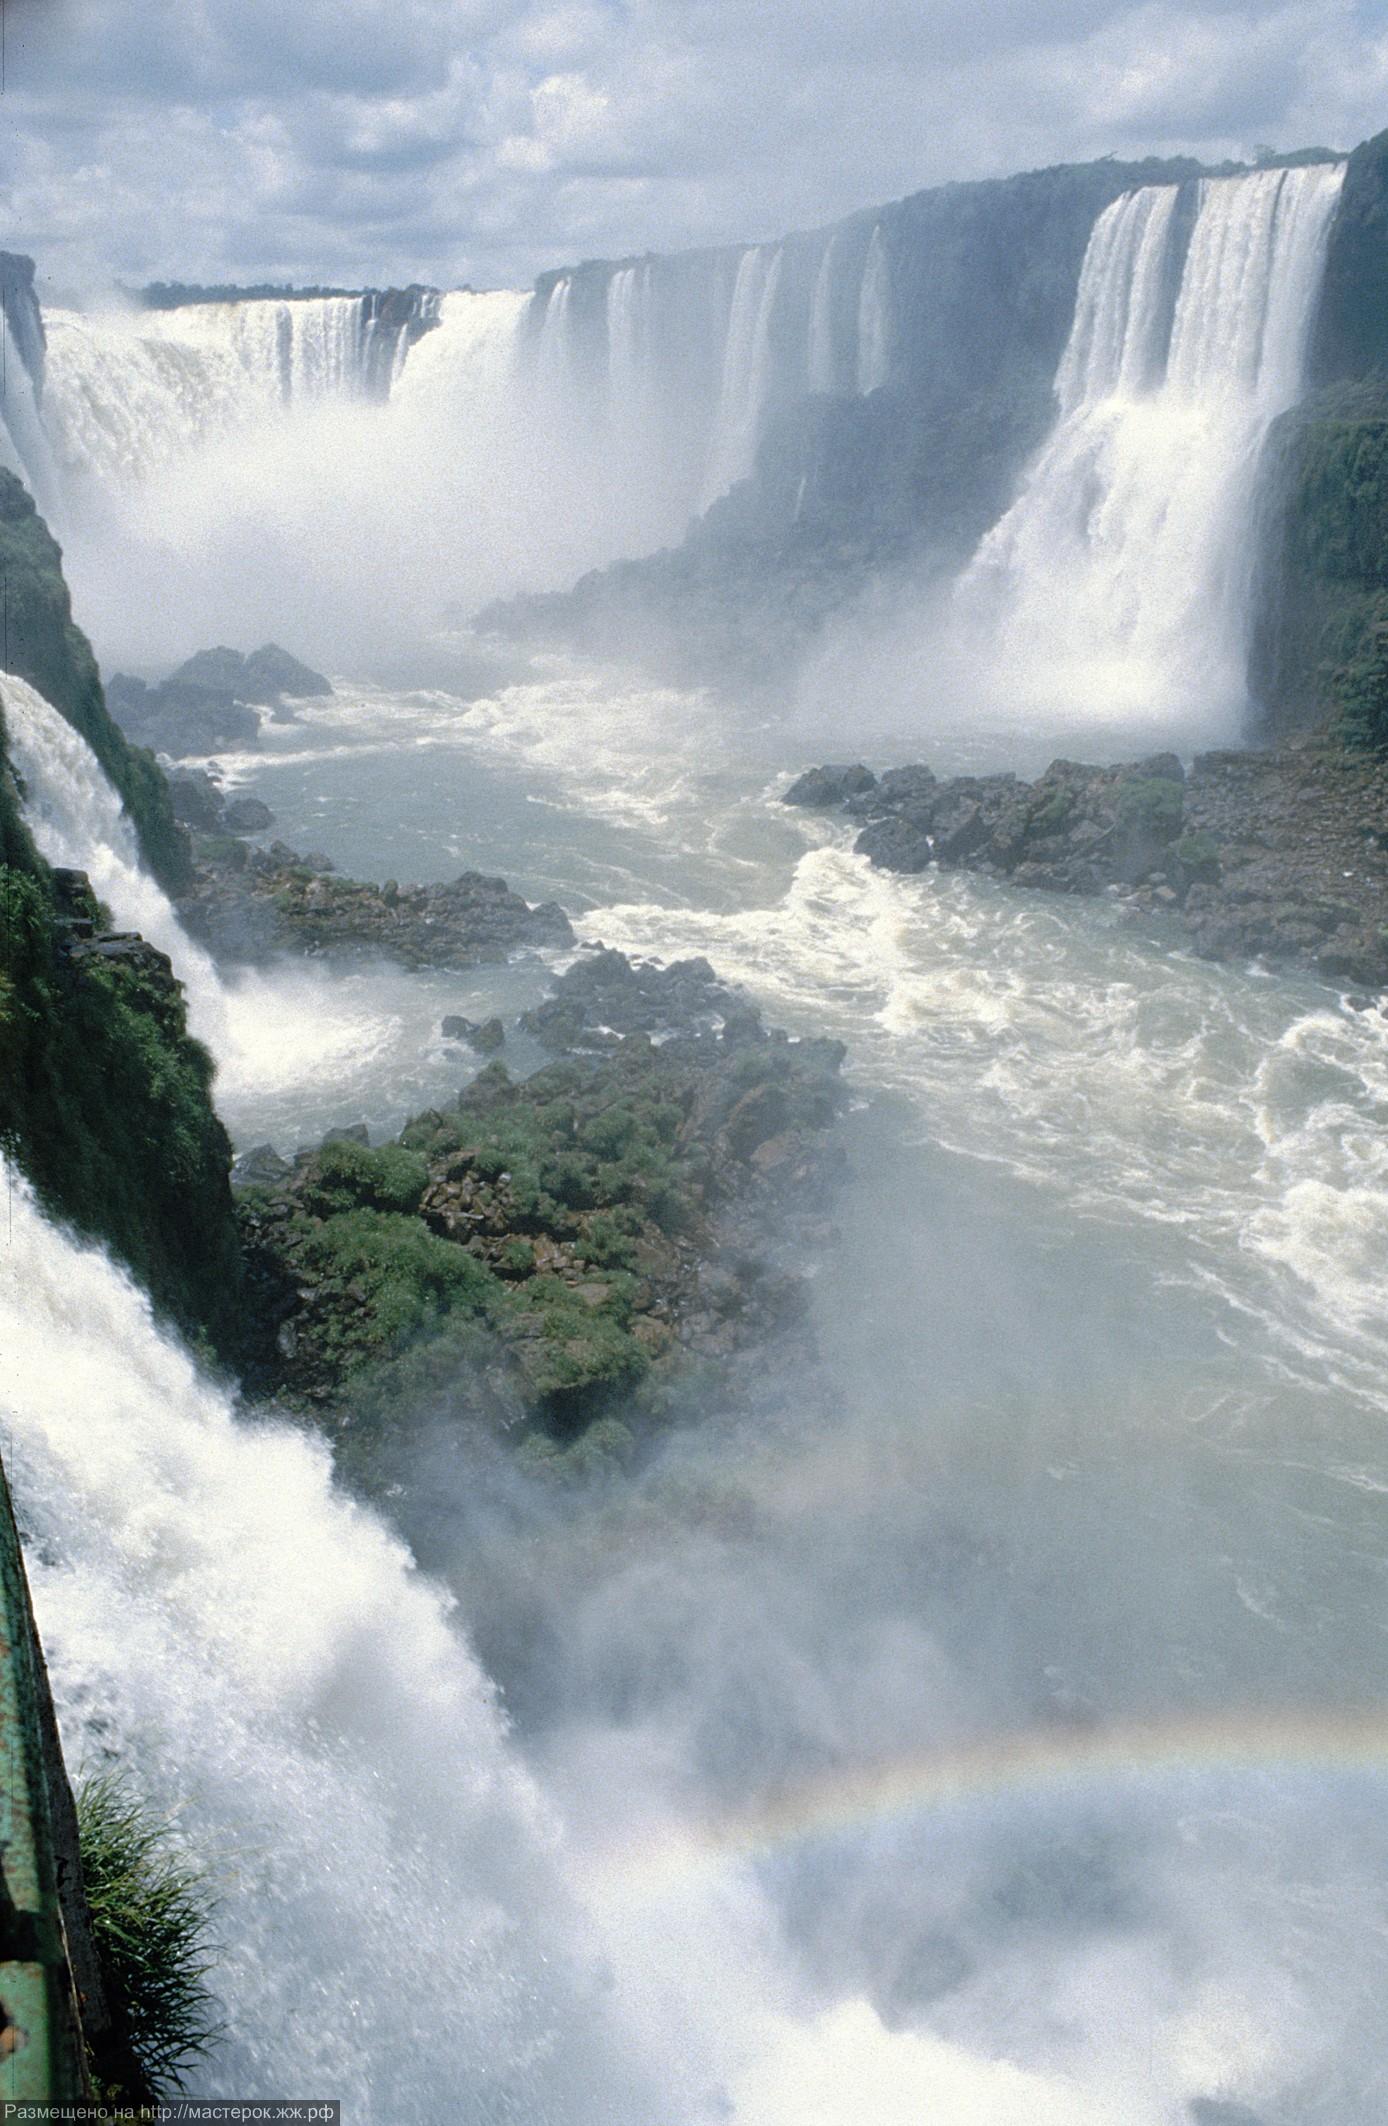 Wasserfälle von Iguacu